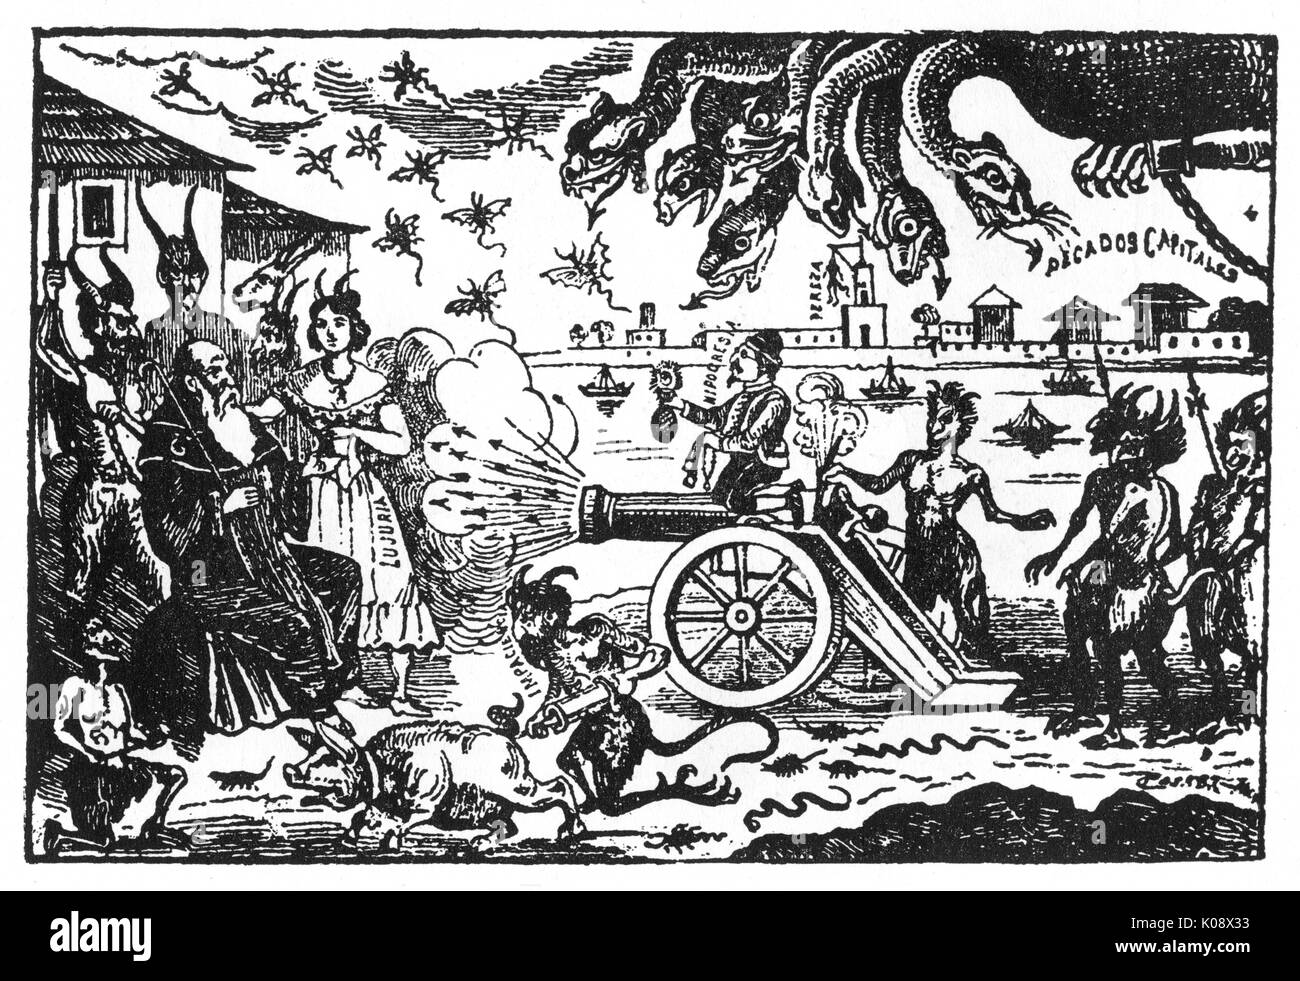 Posada, La Tentation de Saint Antoine -- une bande dessinée satirique. Date: vers 1900 Photo Stock